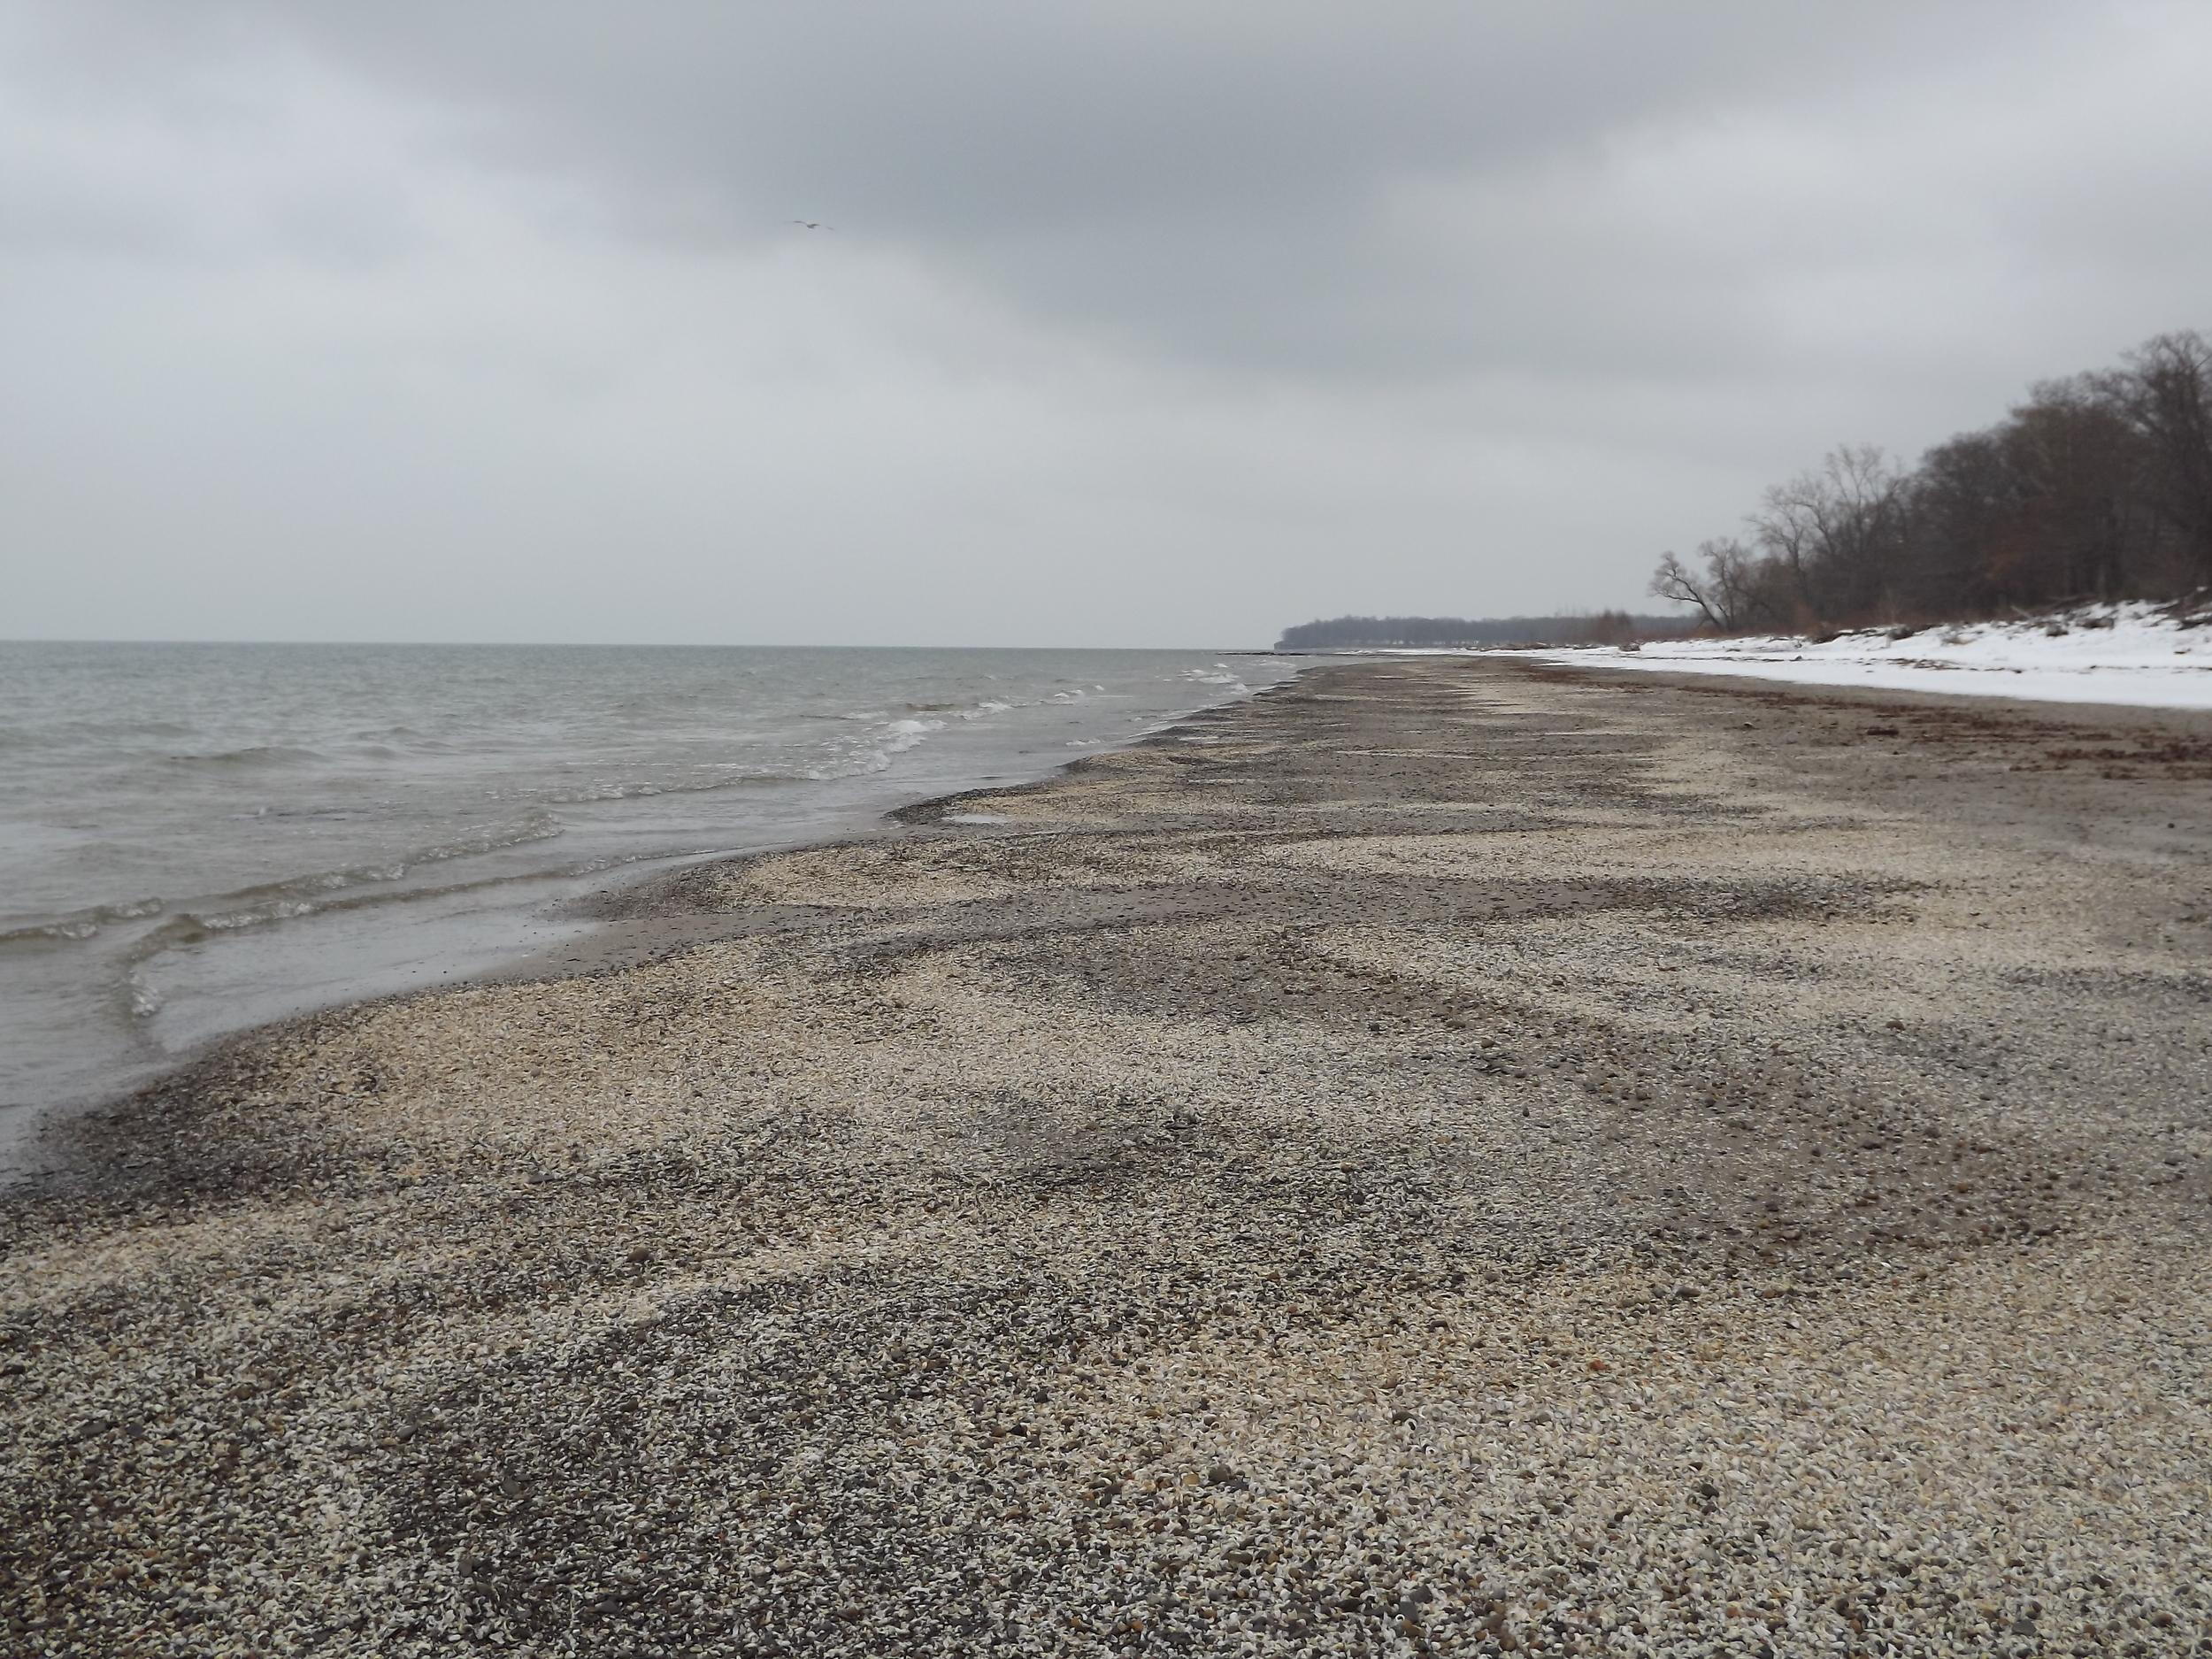 Shells along Shoreline